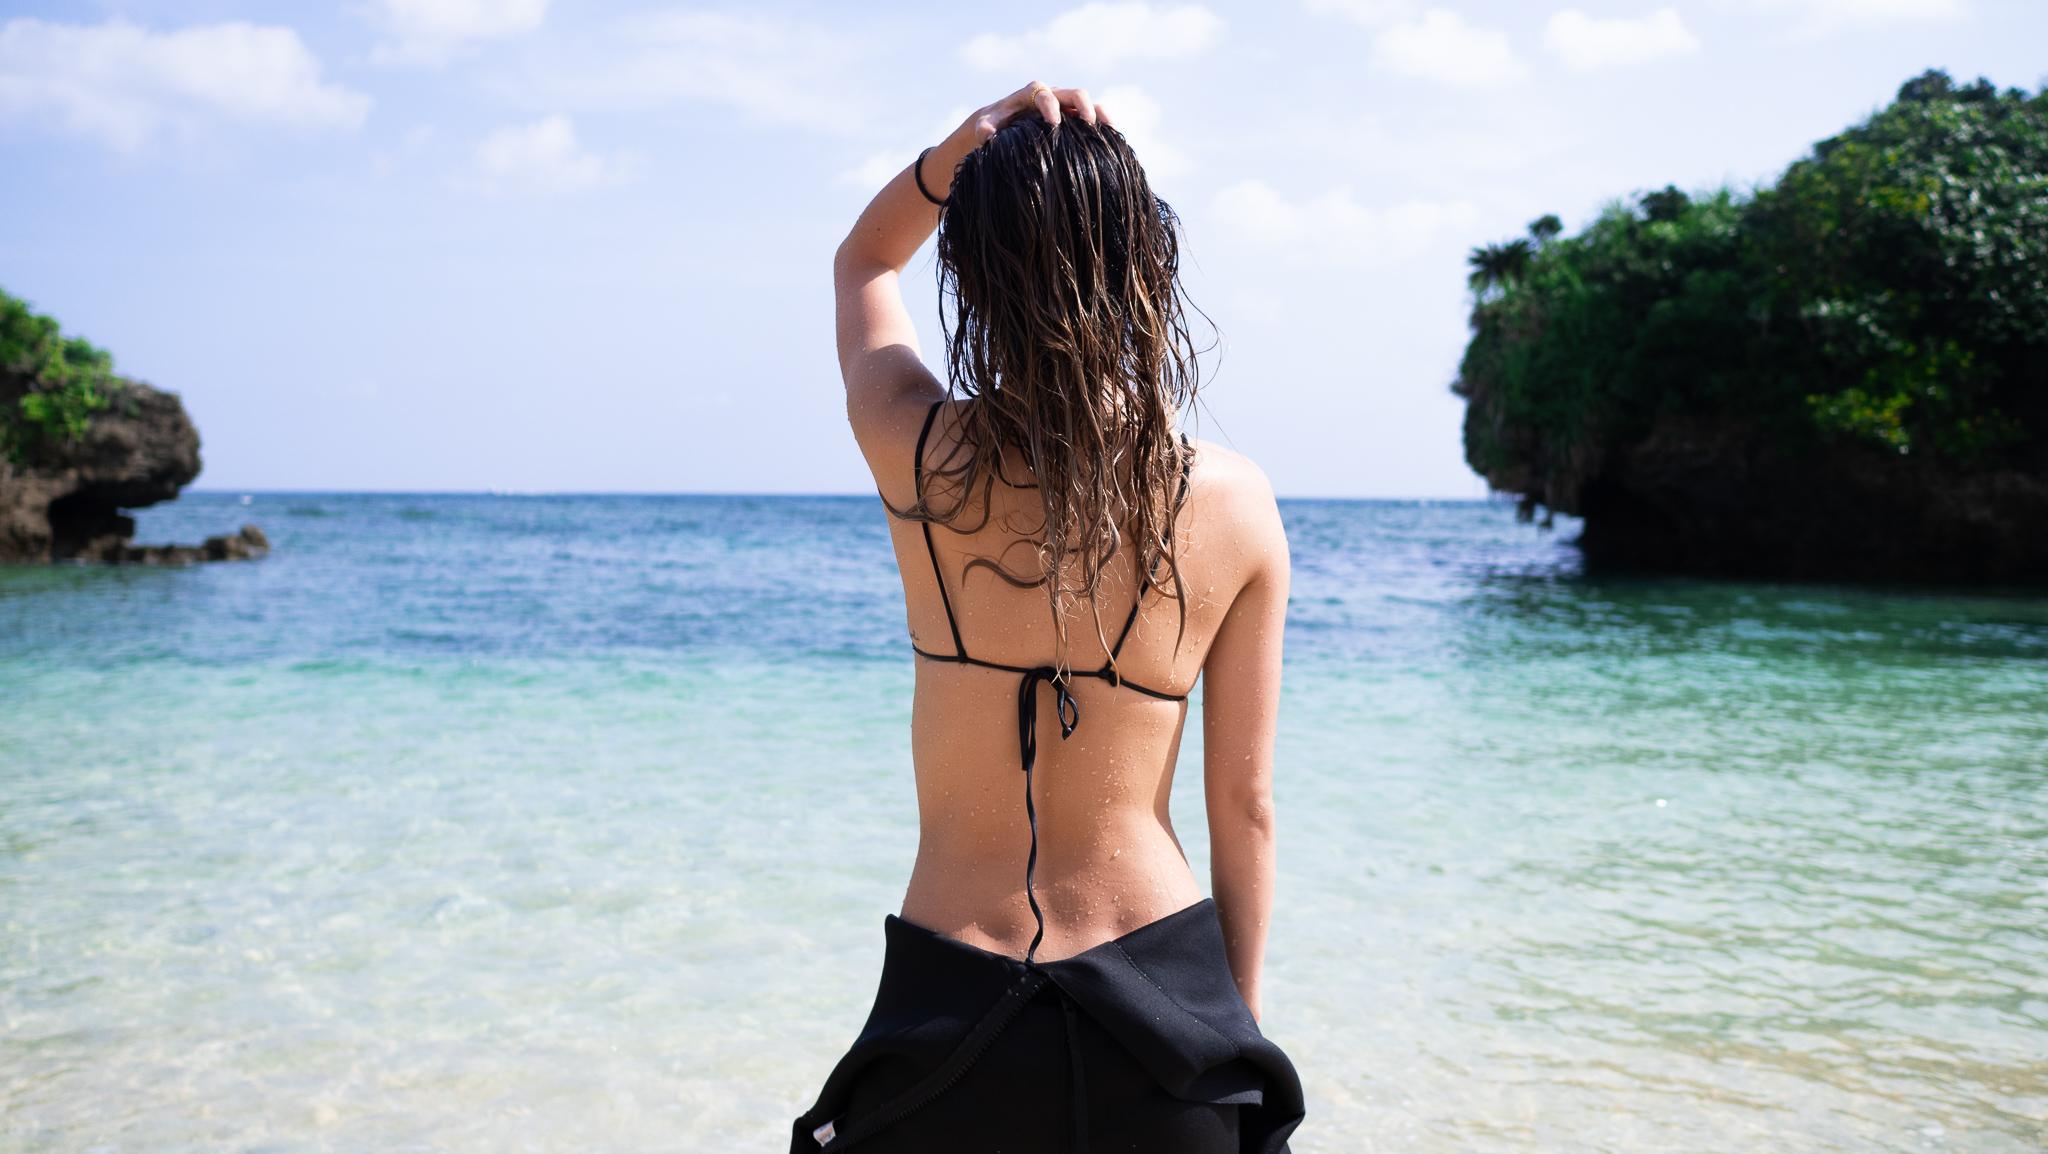 ダイビングの準備をする女性